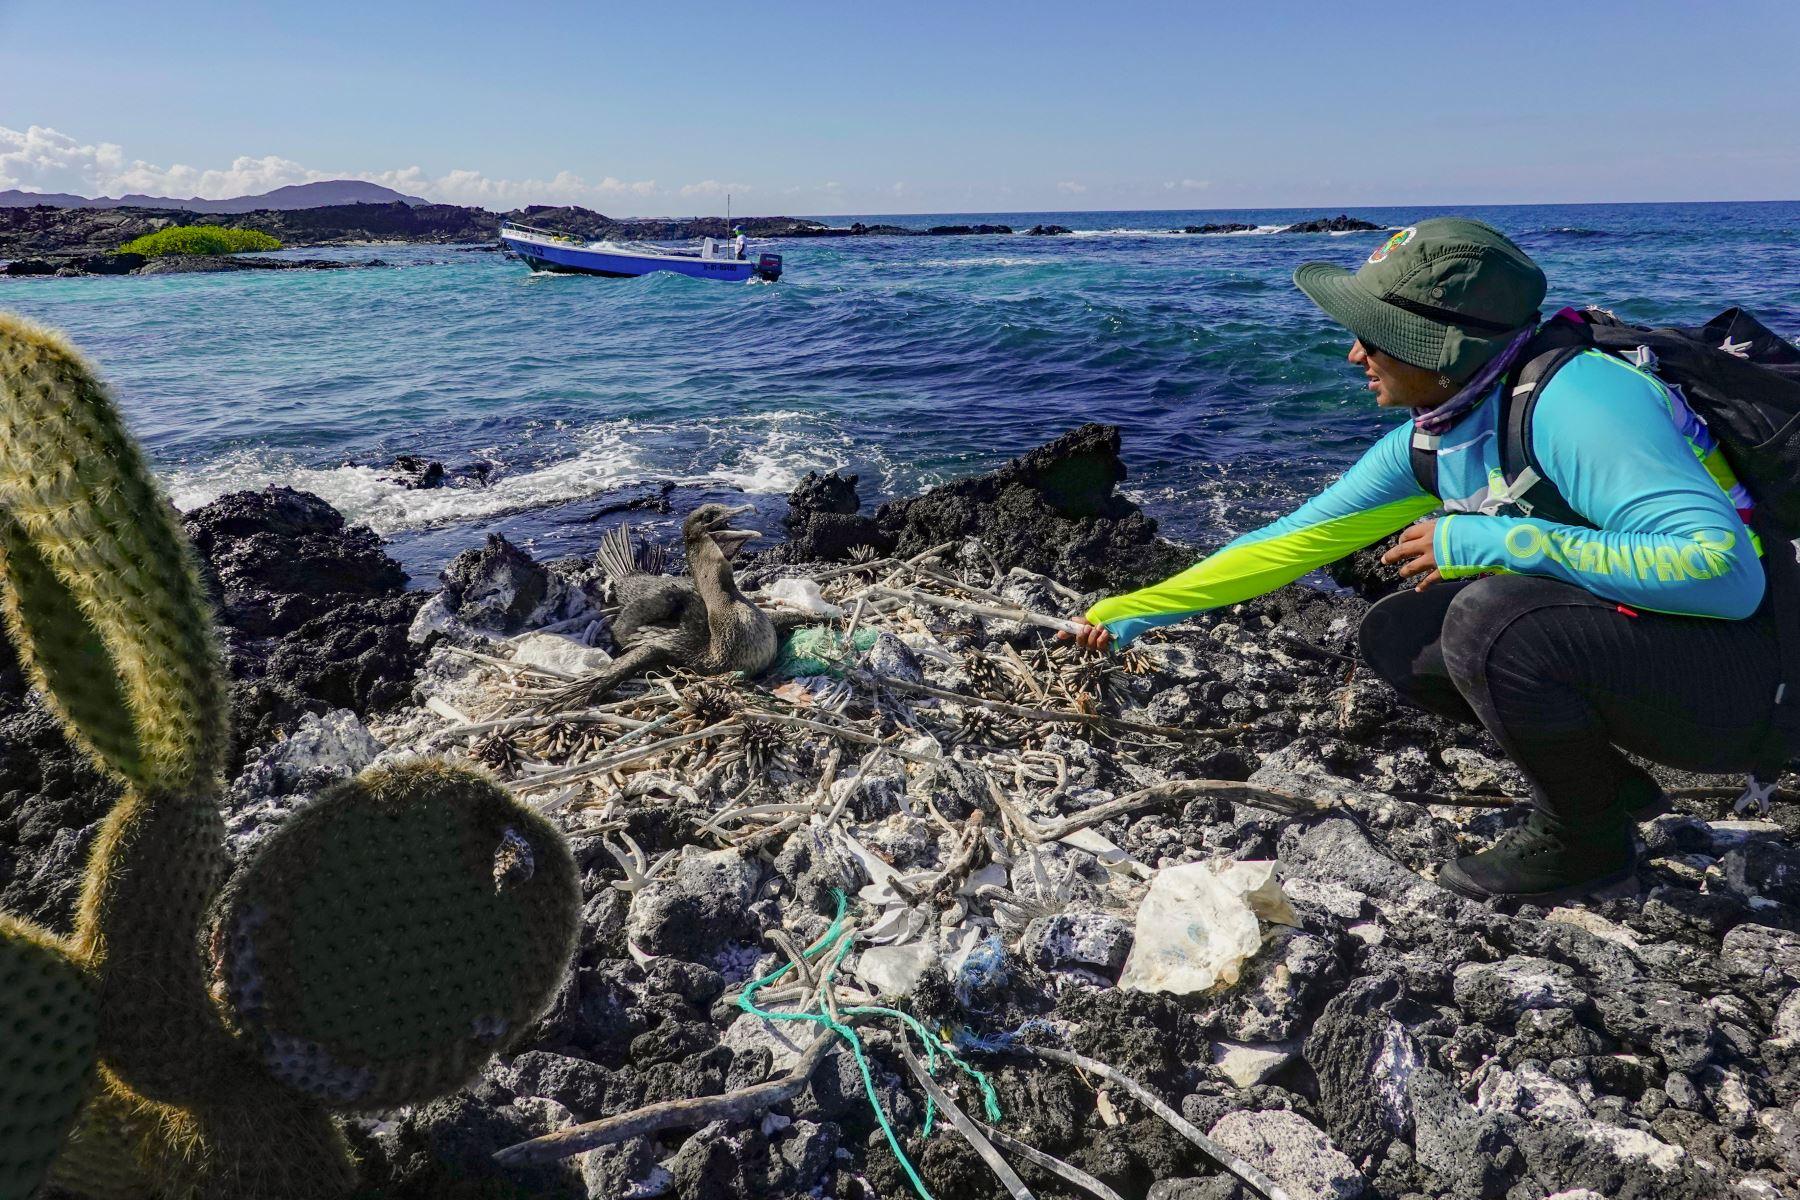 La bióloga y guardabosques del Parque Nacional Galápagos, Jennifer Suárez, recolecta la basura de un nido de un cormorán no volador (Nannopterum harrisi) en la costa de la Isla Isabela en el Archipiélago de las Galápagos en el Océano Pacífico, a 1000 km de la costa de Ecuador.Foto:AFP